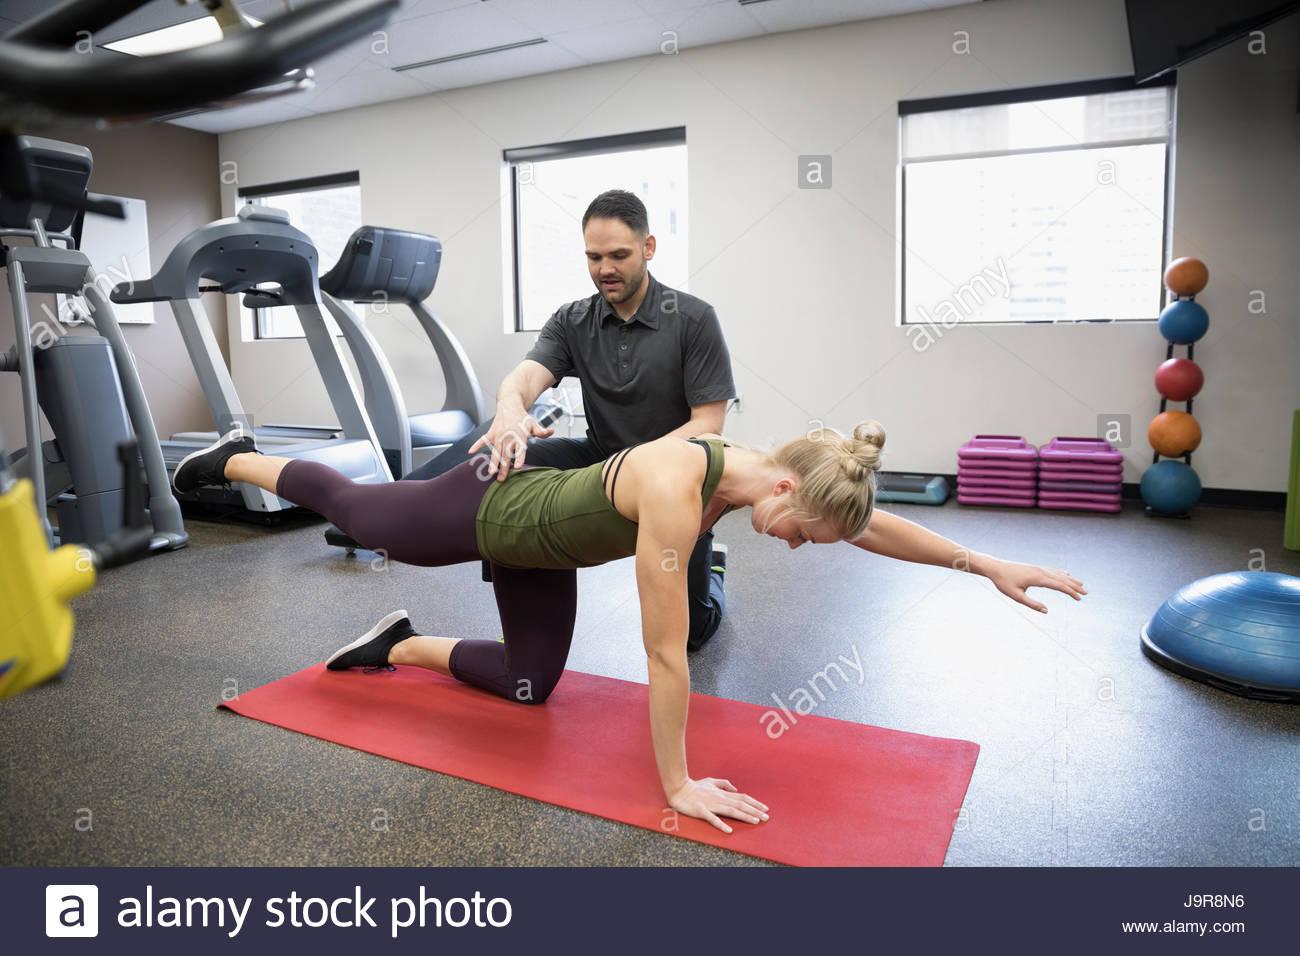 Männliche Physiotherapeuten helfen weiblichen Kunden stretching im Klinik-Fitness-Studio Stockbild